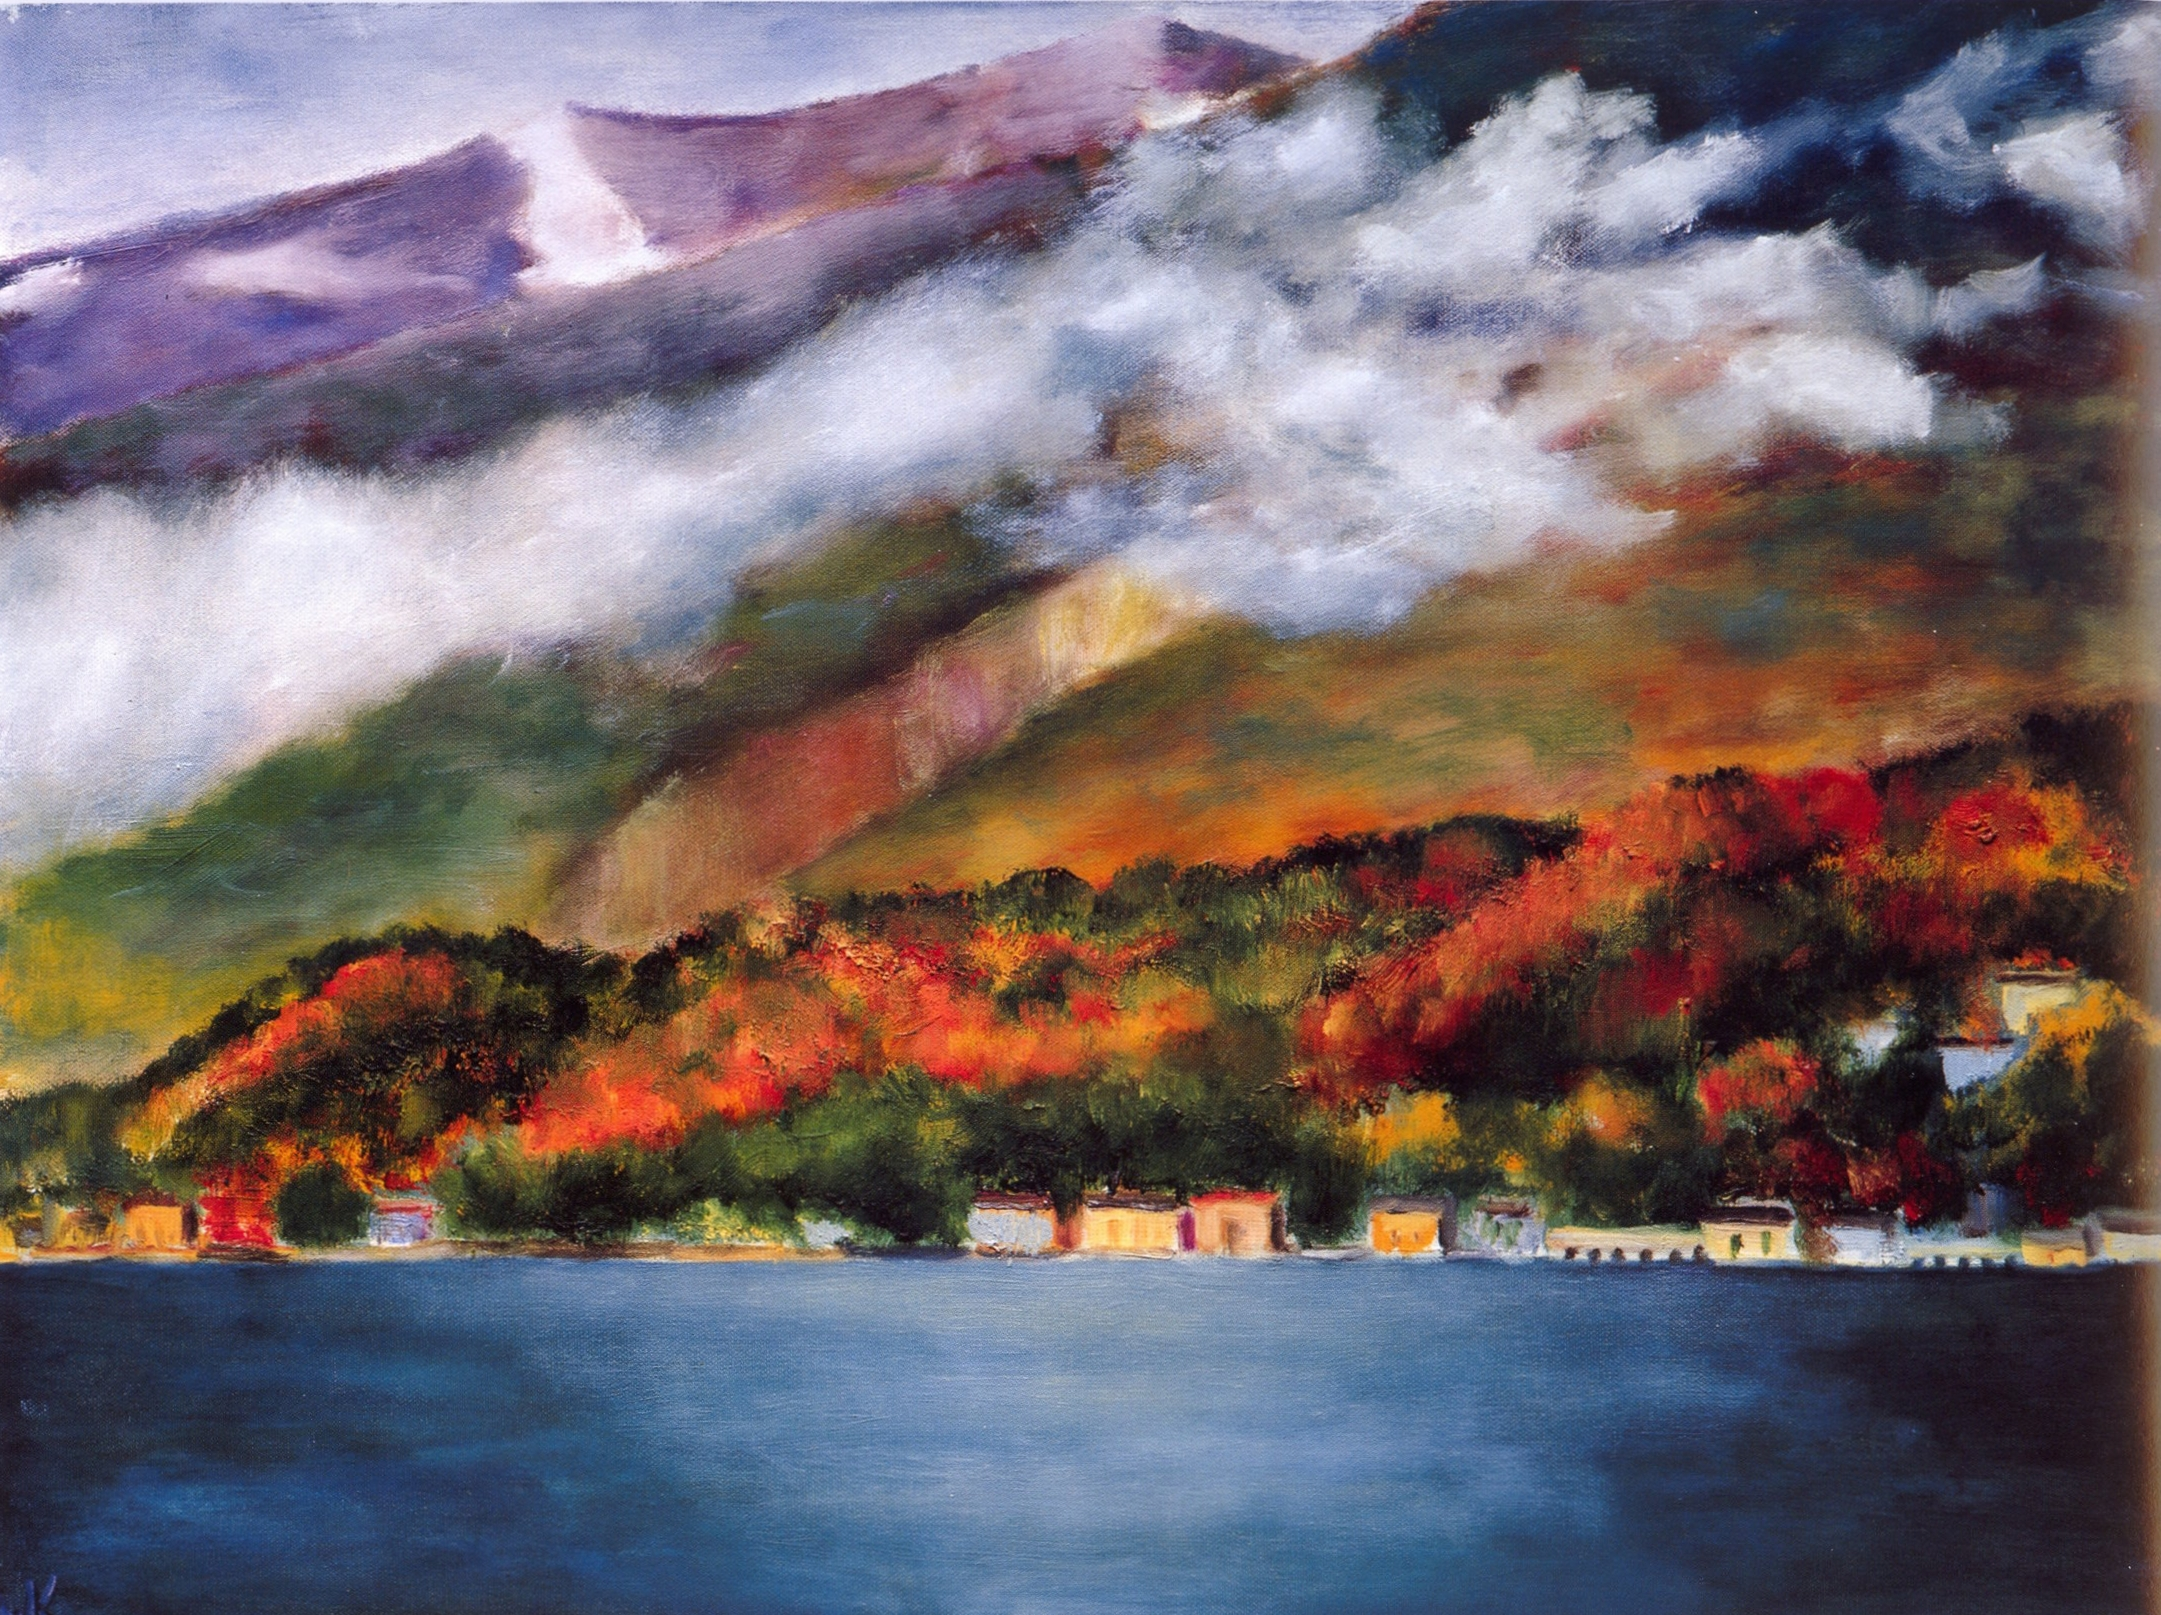 La Bella Vista #1 Bellagio   Oil on canvas, 28'' x 36'', 2004